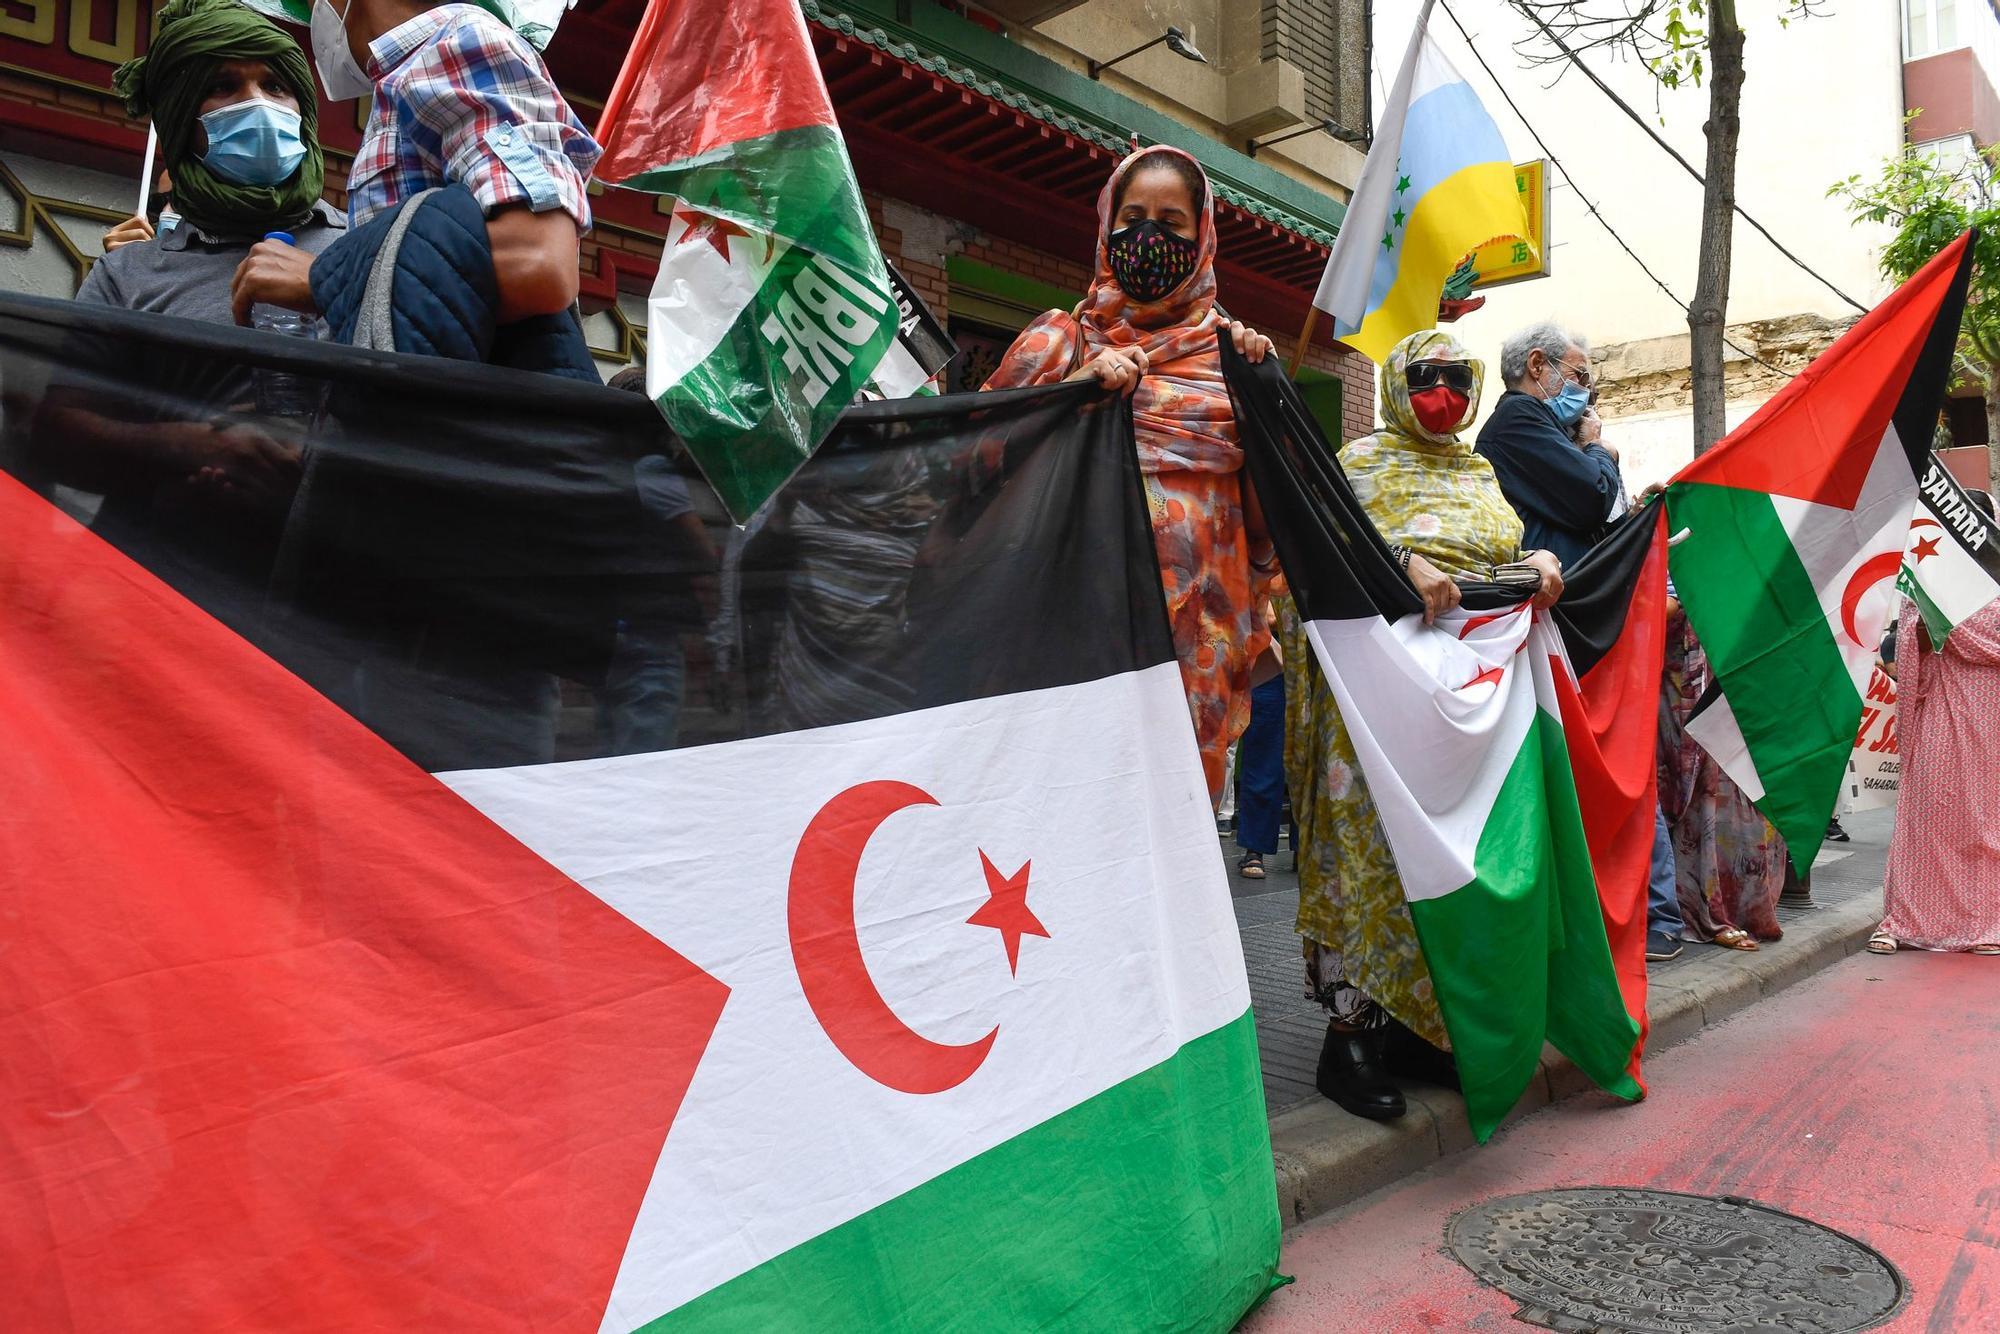 MANIFESTACION SAHARA (103409422).jpg